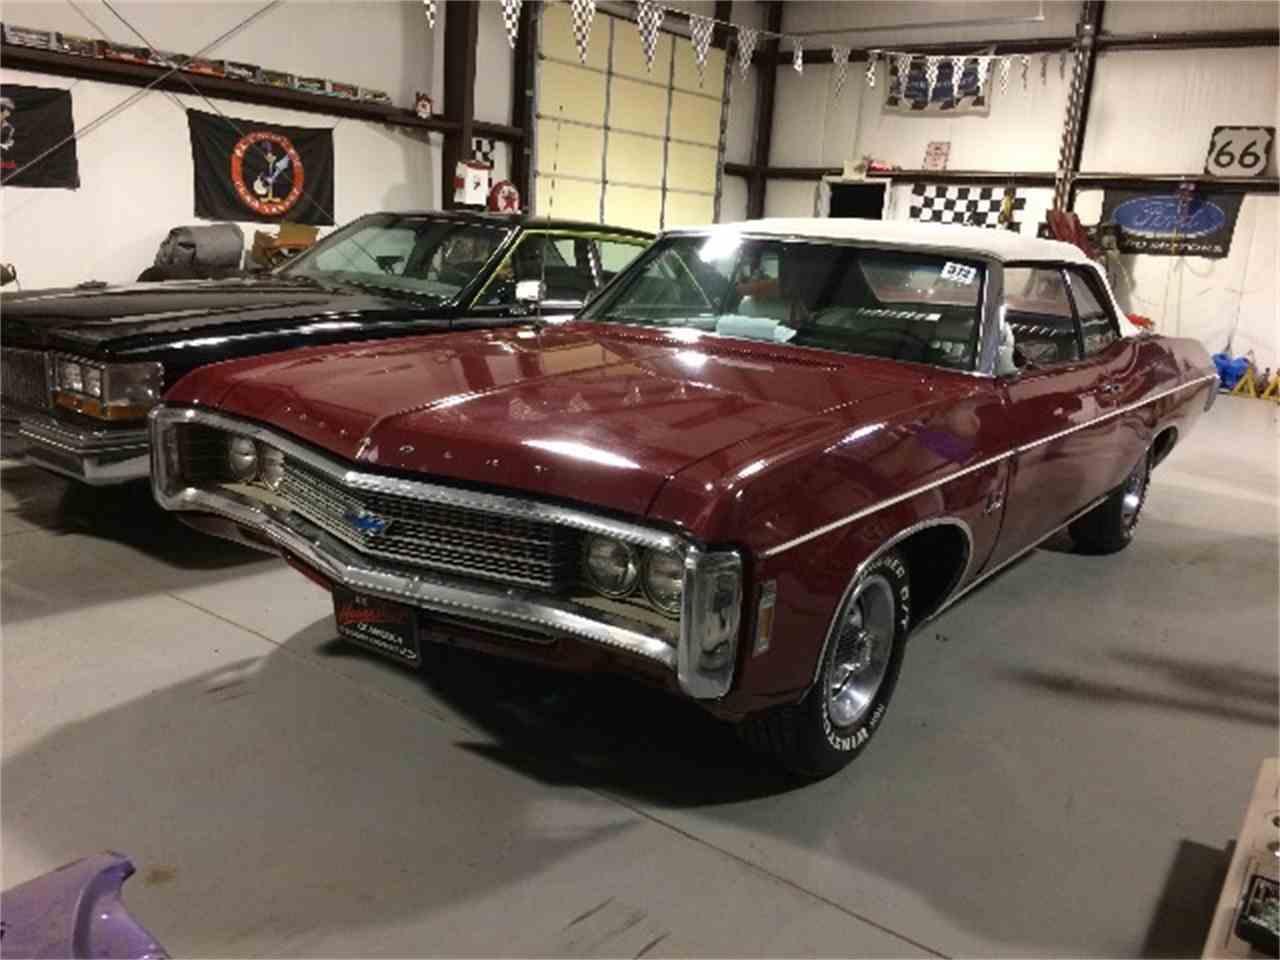 Impala 97 chevy impala : 1969 Chevrolet Impala for Sale | ClassicCars.com | CC-976664